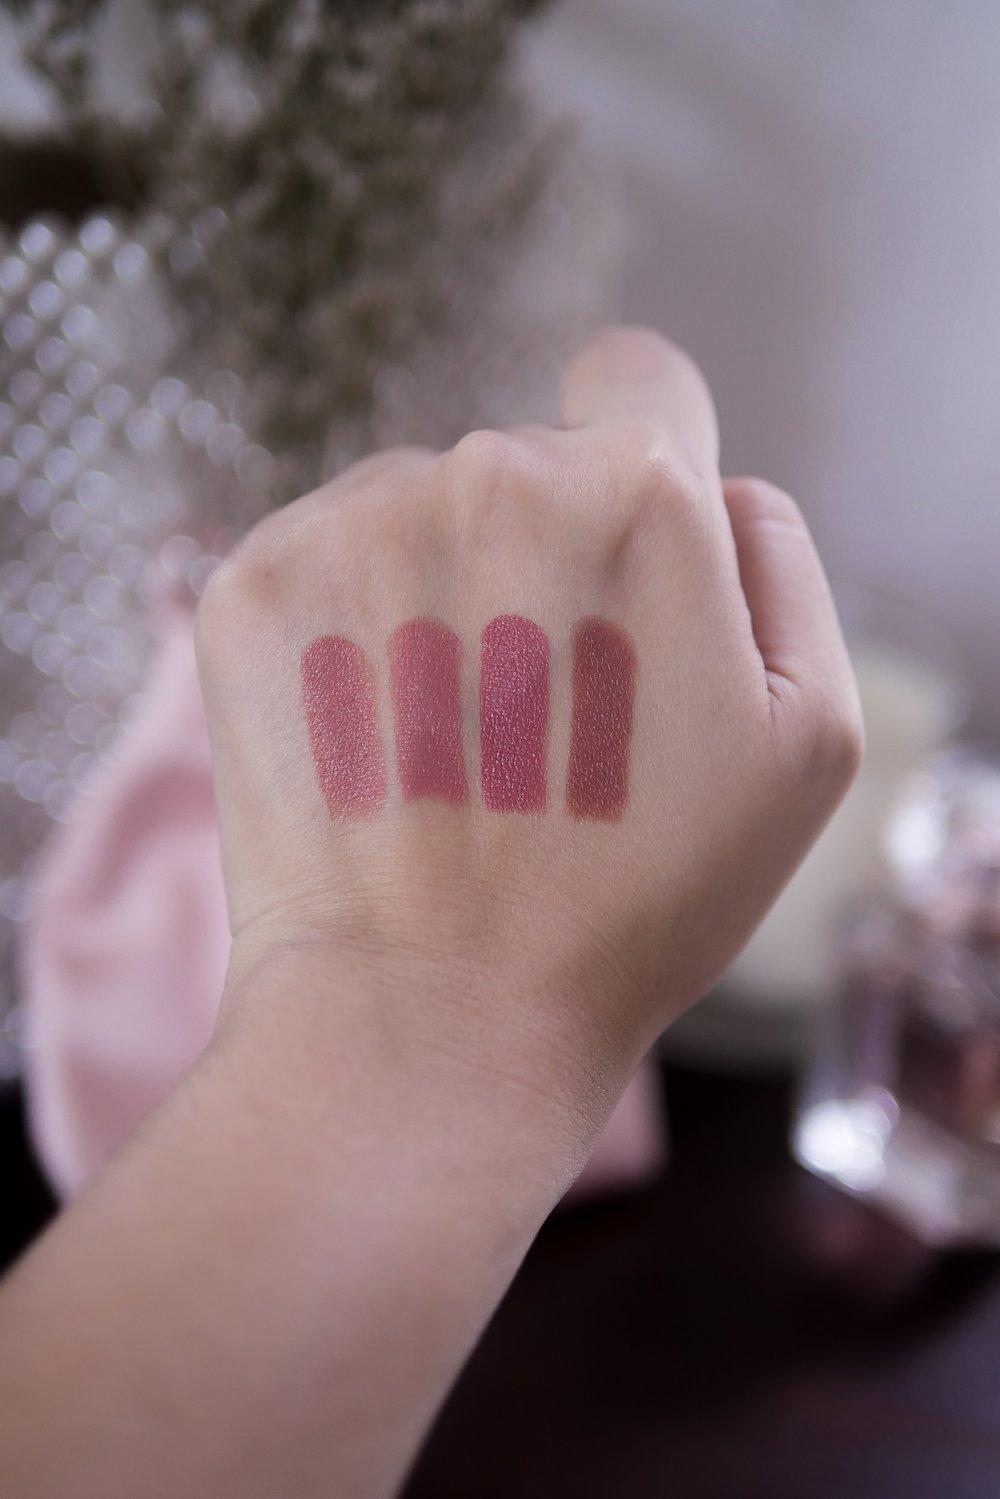 Lune Skin Semi Matte Lipsticks No.01 Oui ,  No.02 Amour ,  No.03 Chérie , dan  No.04 1995  (dari kiri ke kanan).